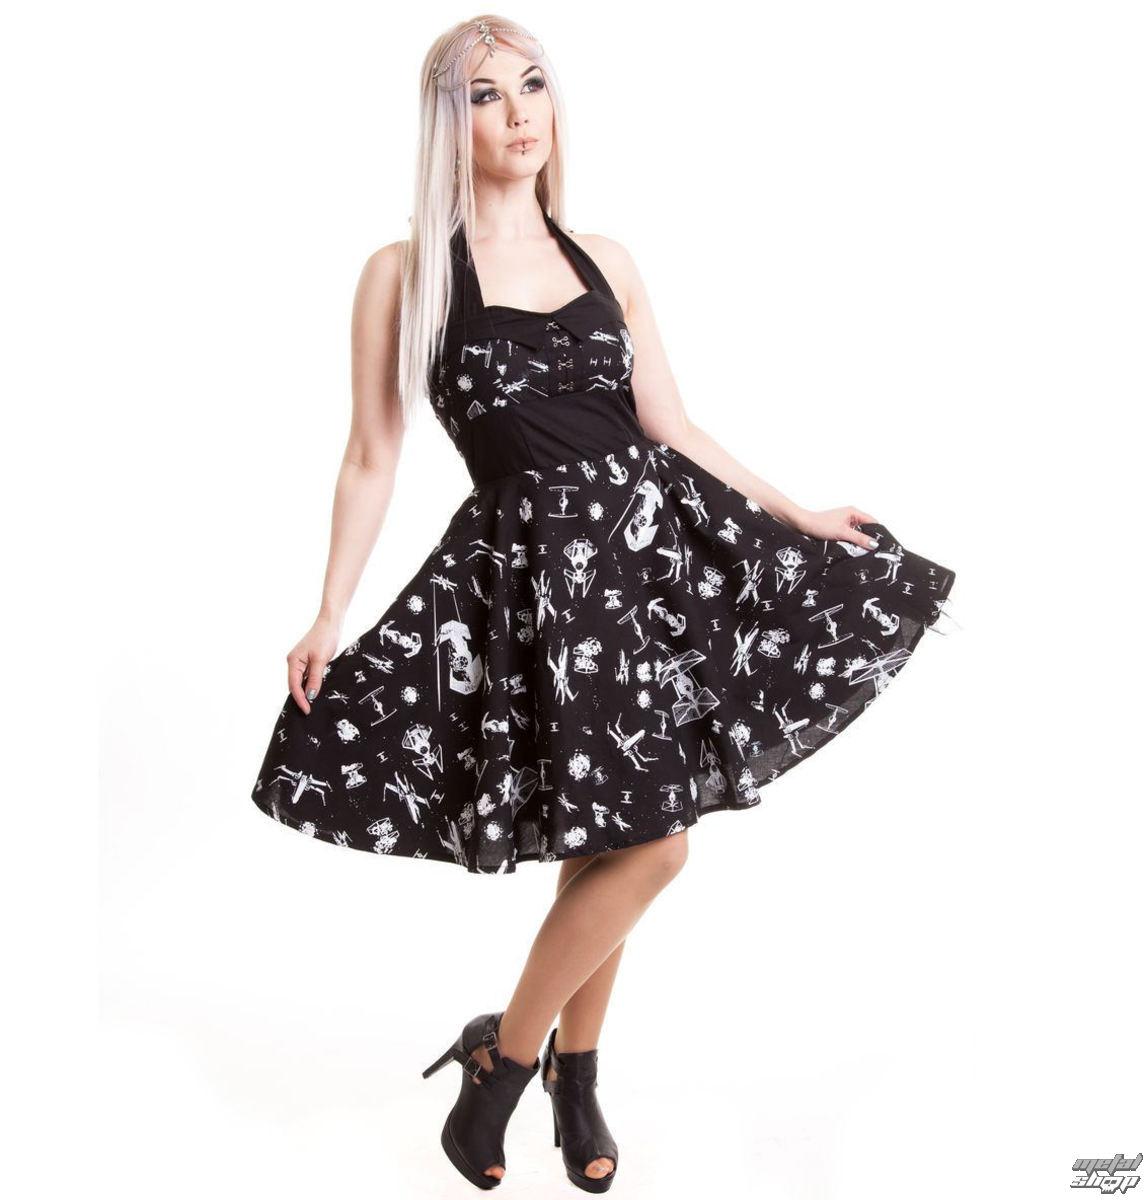 šaty dámske DISNEY - STAR WARS - Empire - Black - POI095